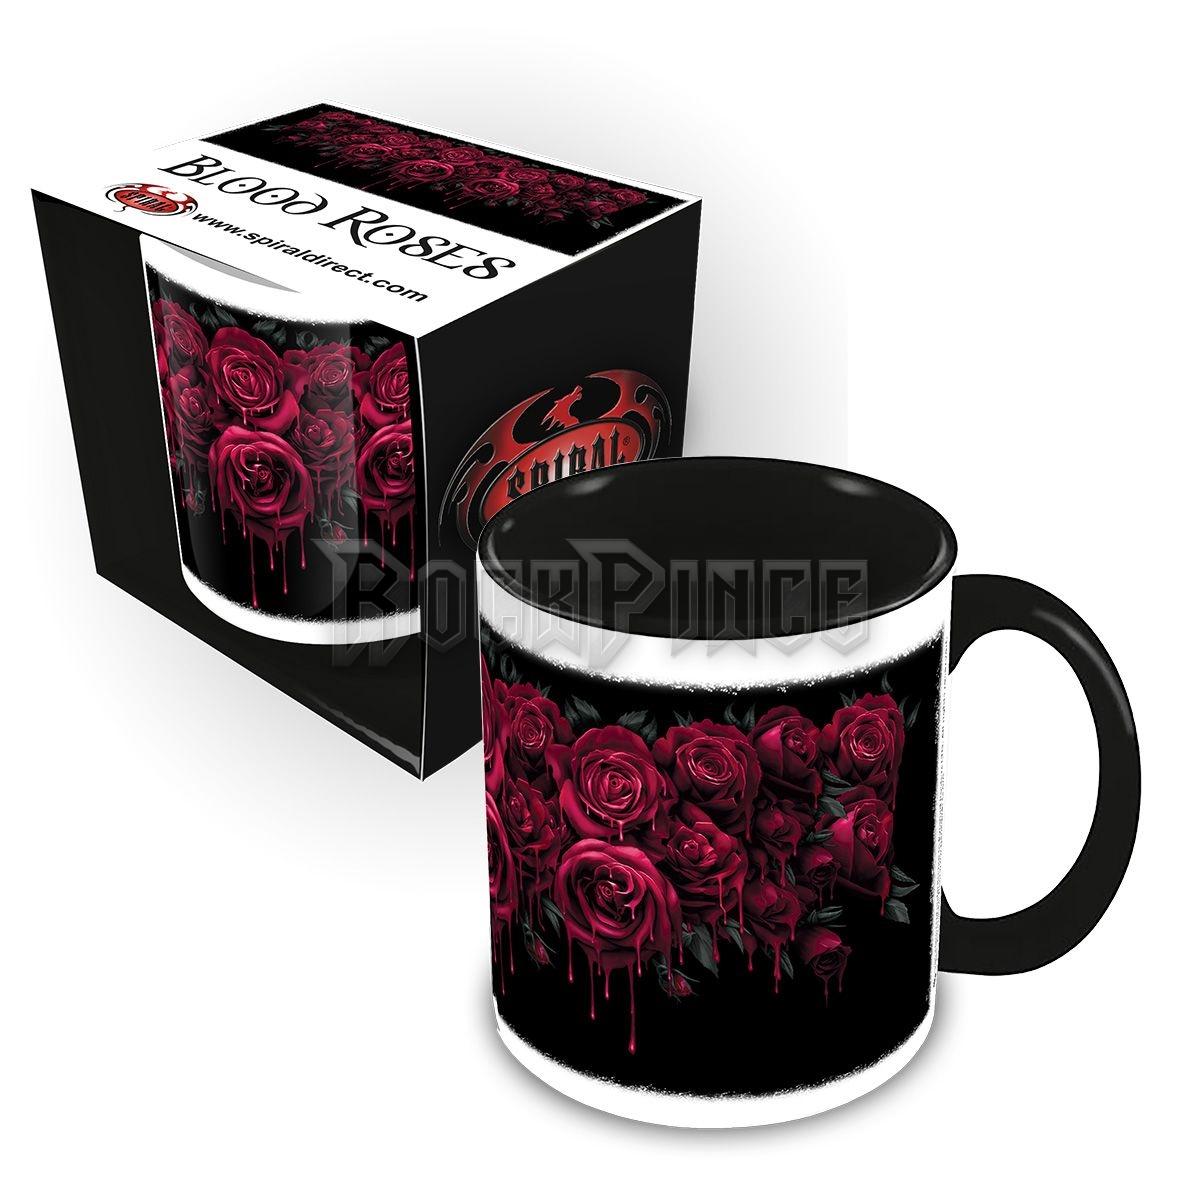 BLOOD ROSE - Ceramic Mug 0.3L - K018A003